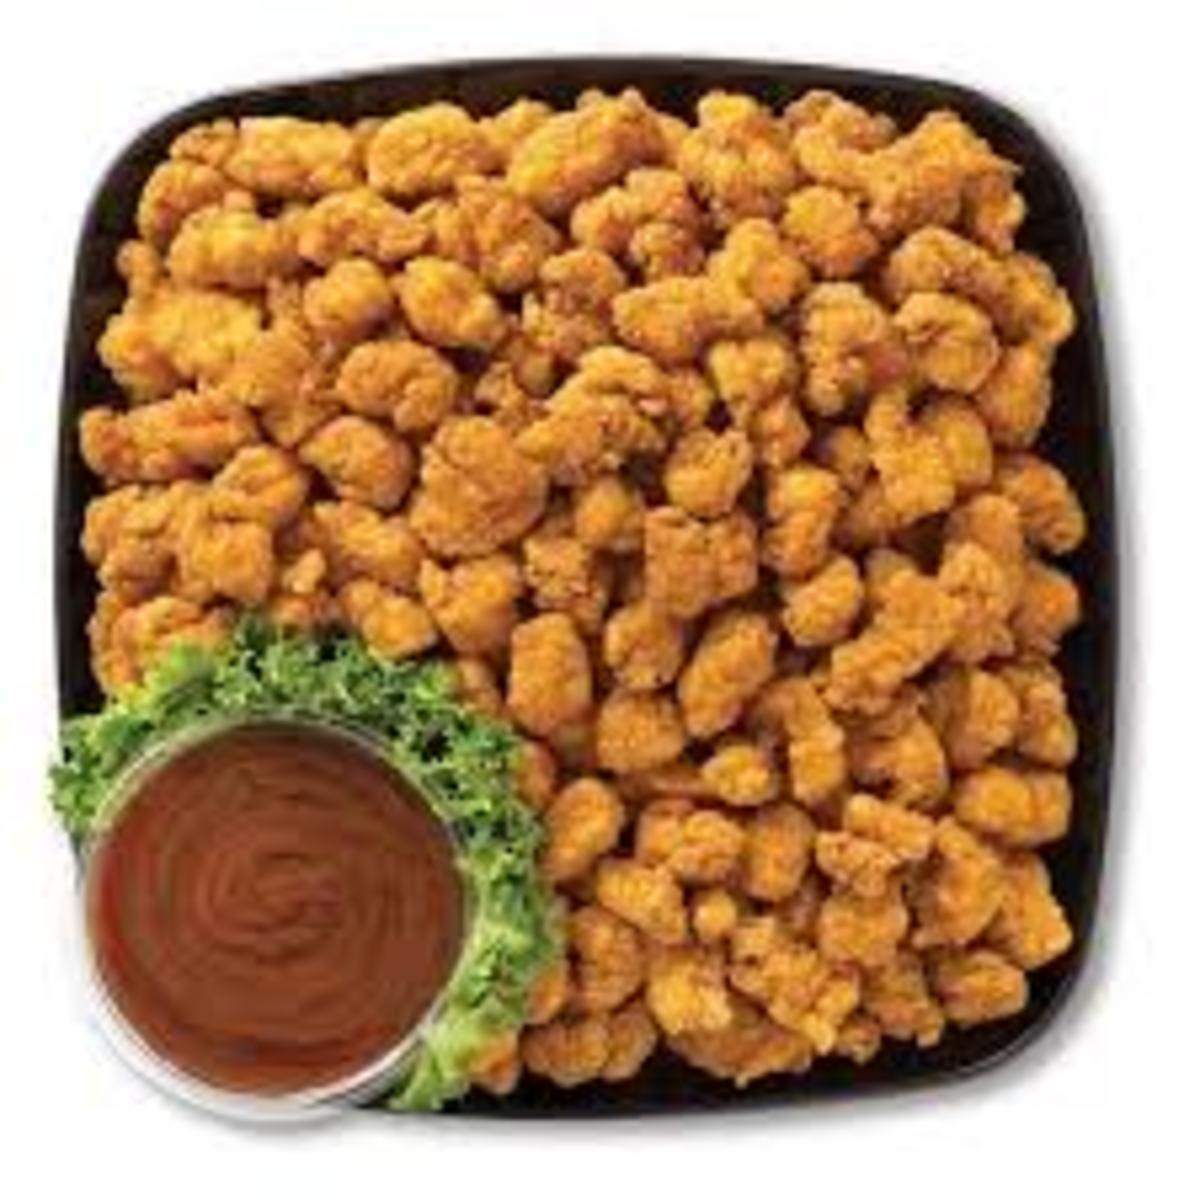 Popcorn chicken platter